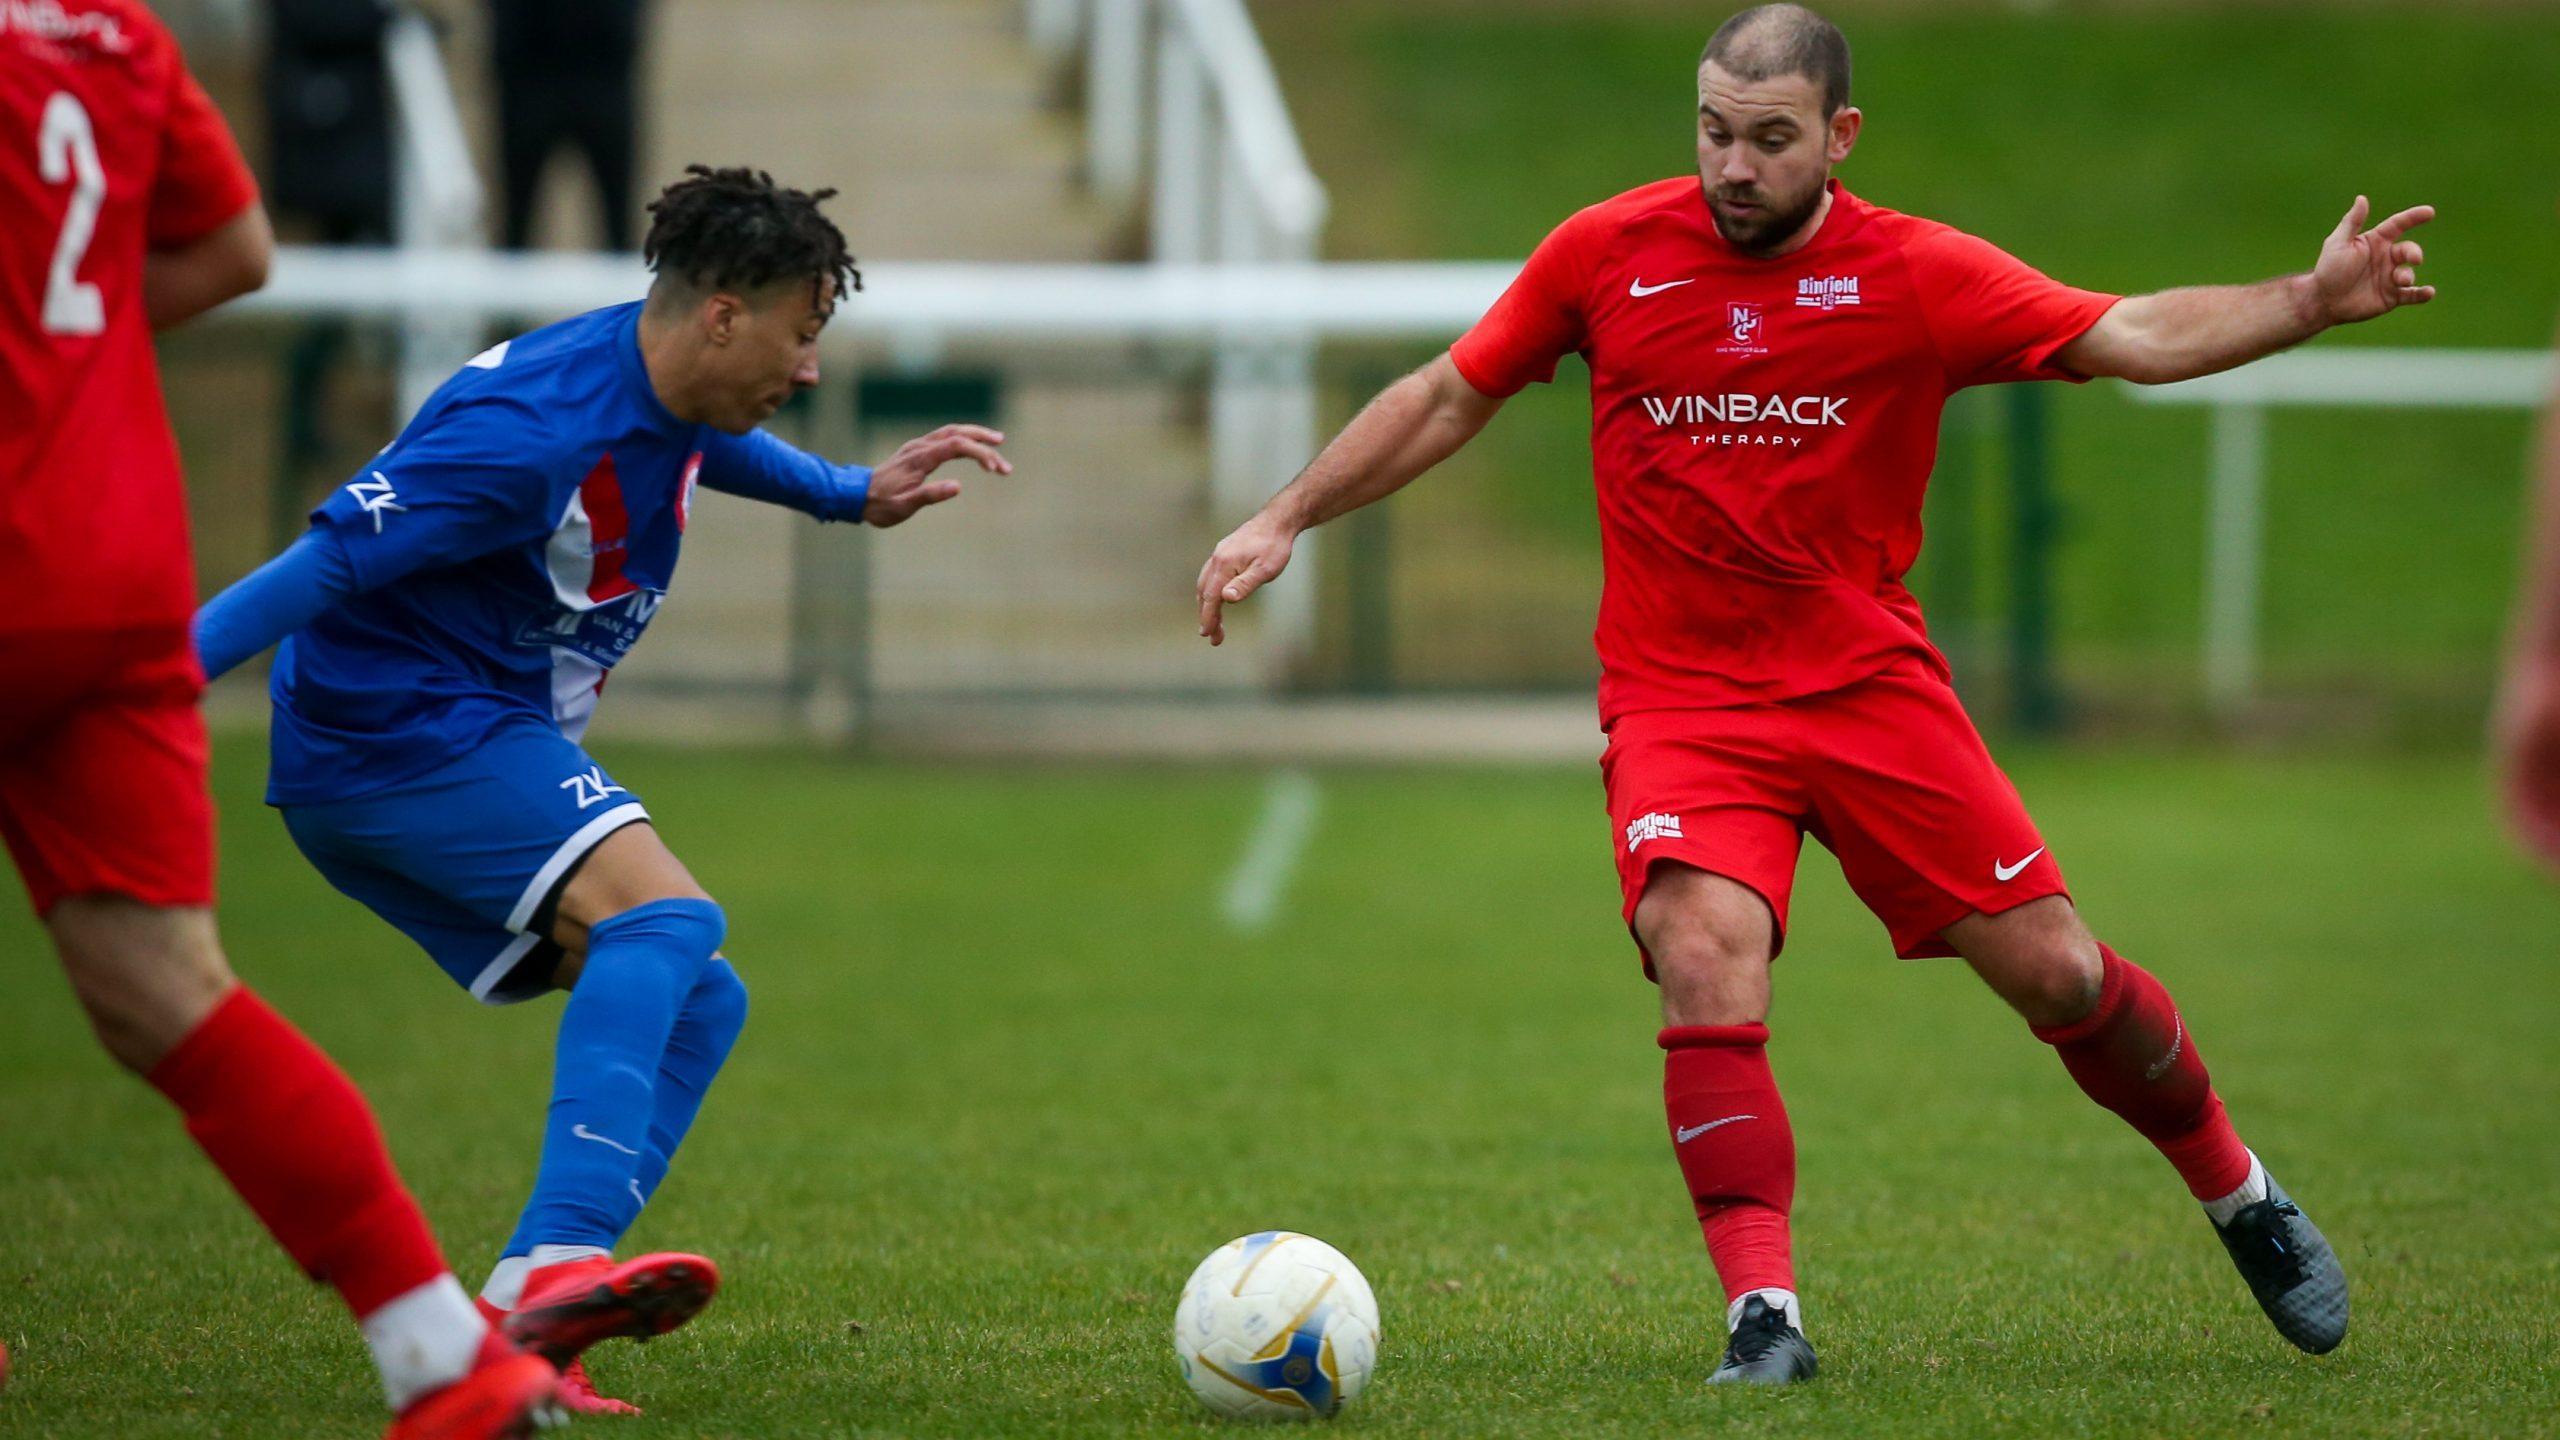 Binfield vs Fairford Town